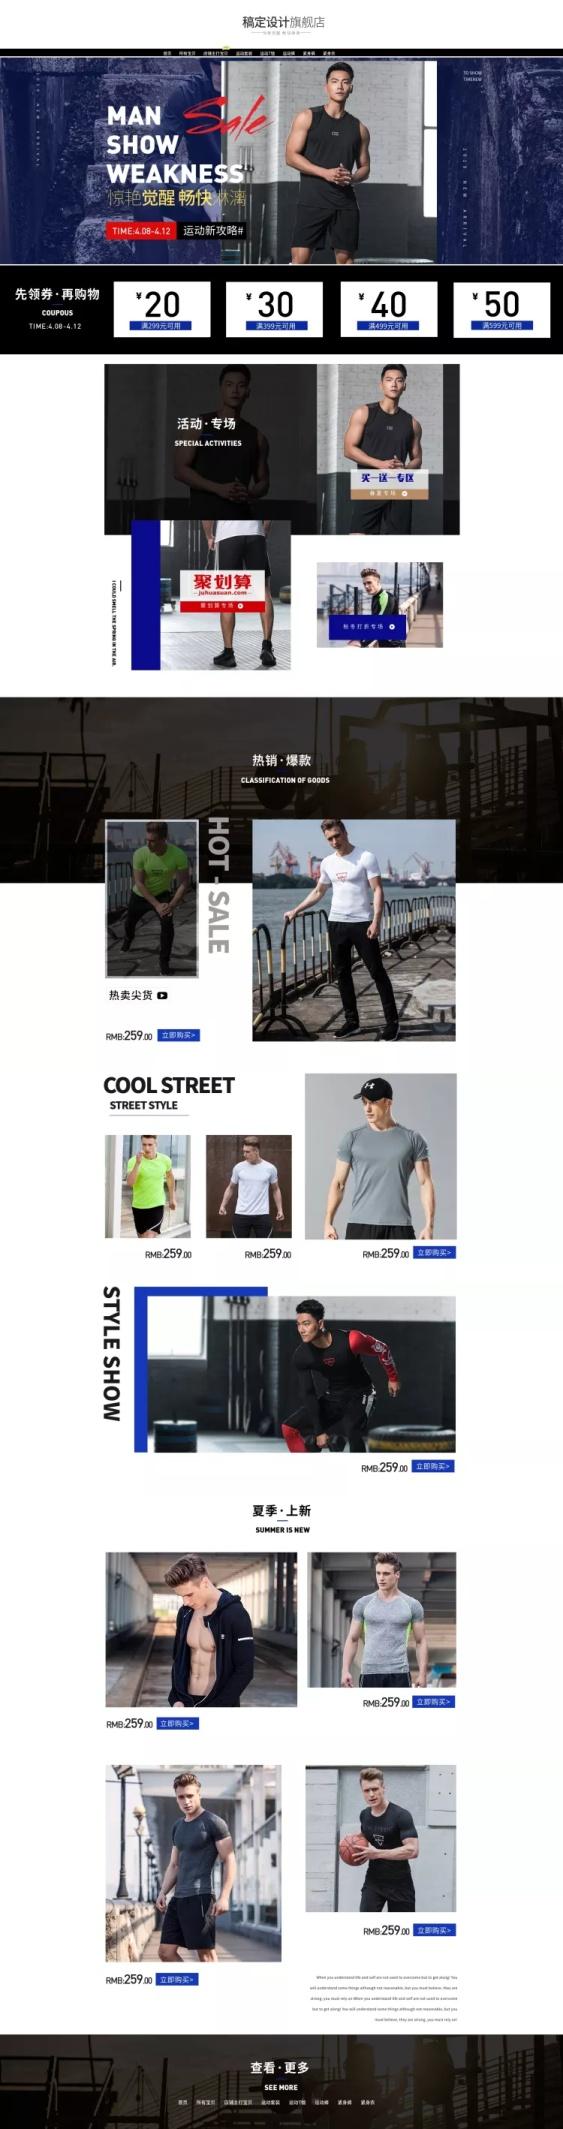 双十二/双12/日常上新/活动促销/炫酷/男装/店铺首页